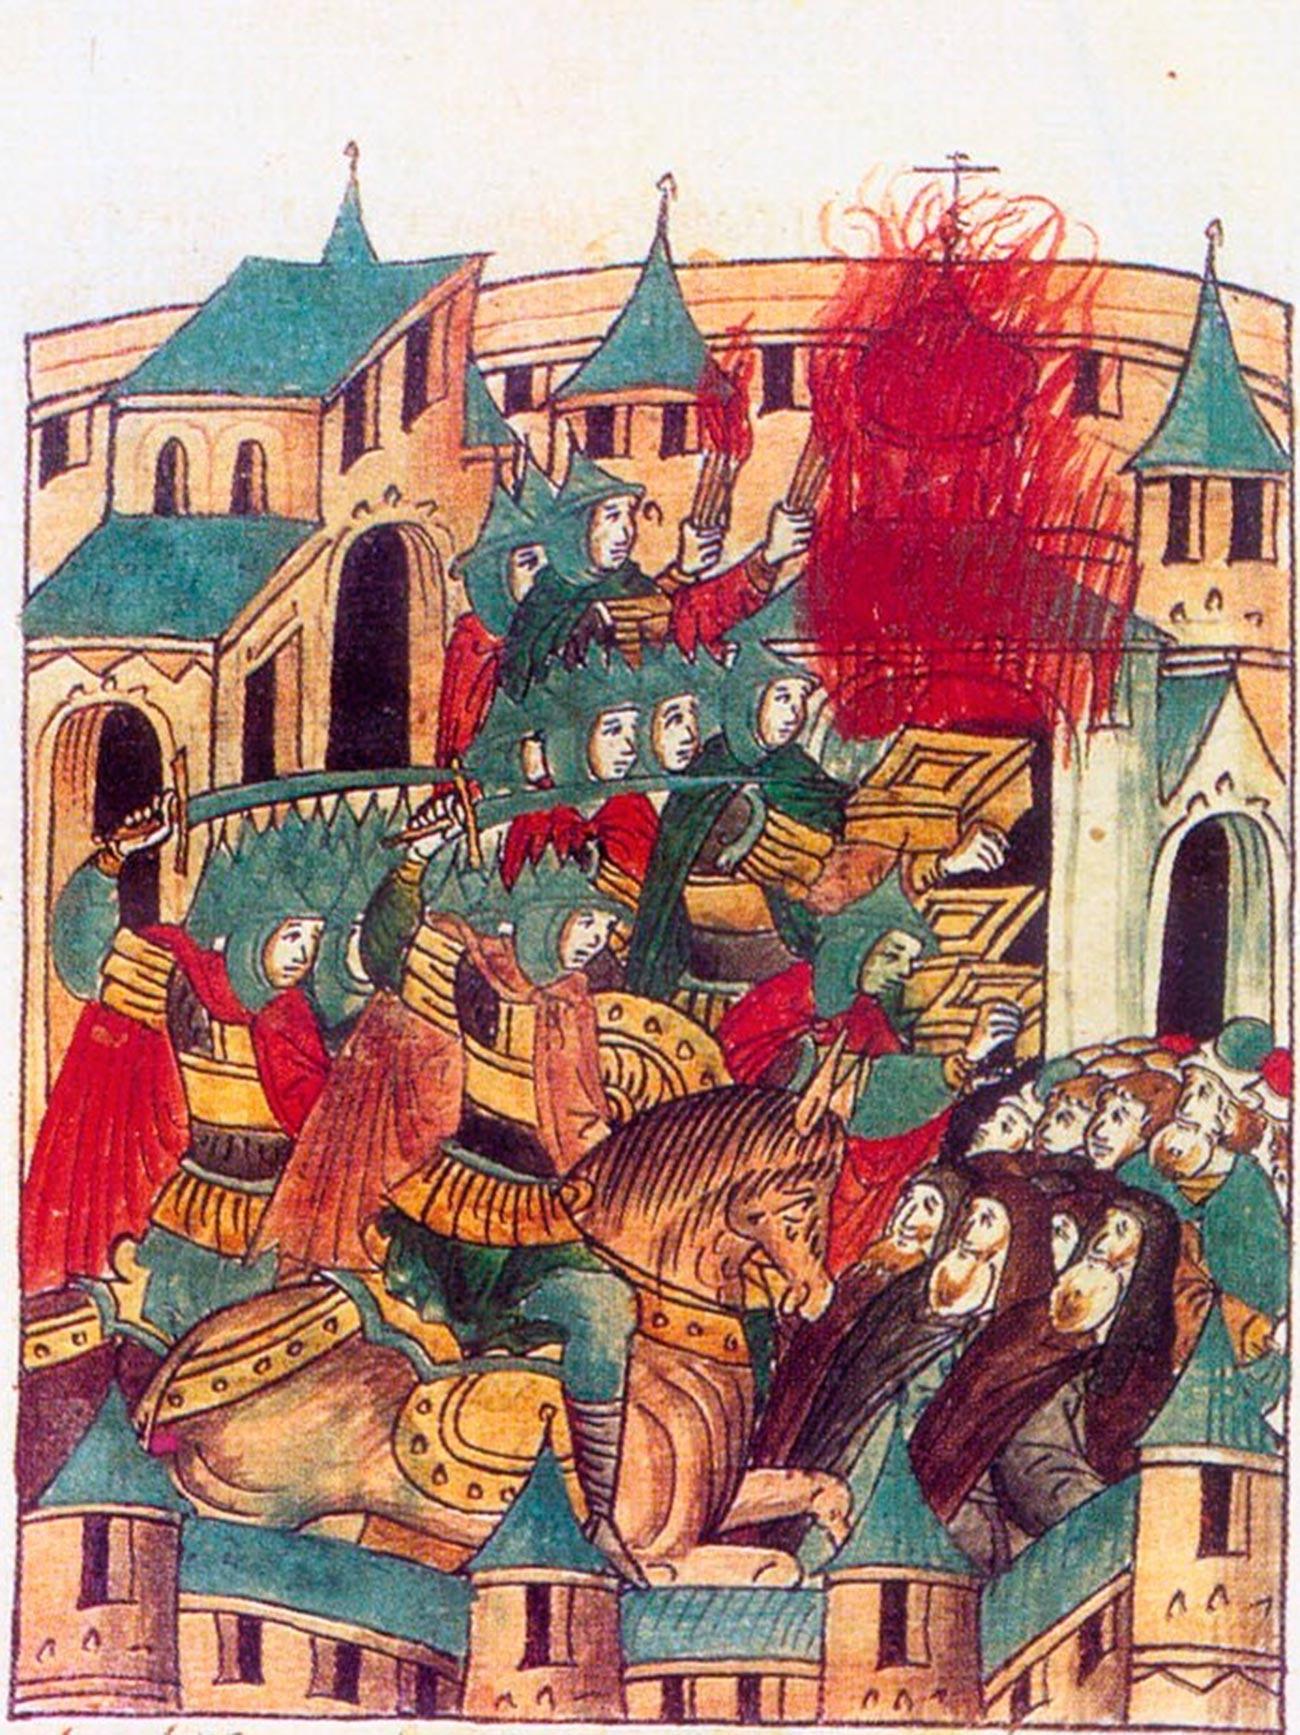 O saque de Súzdal por Batu Cã, em fevereiro de 1238, na invasão mongol da Rússia. Miniatura retirada de crônica do século 16.